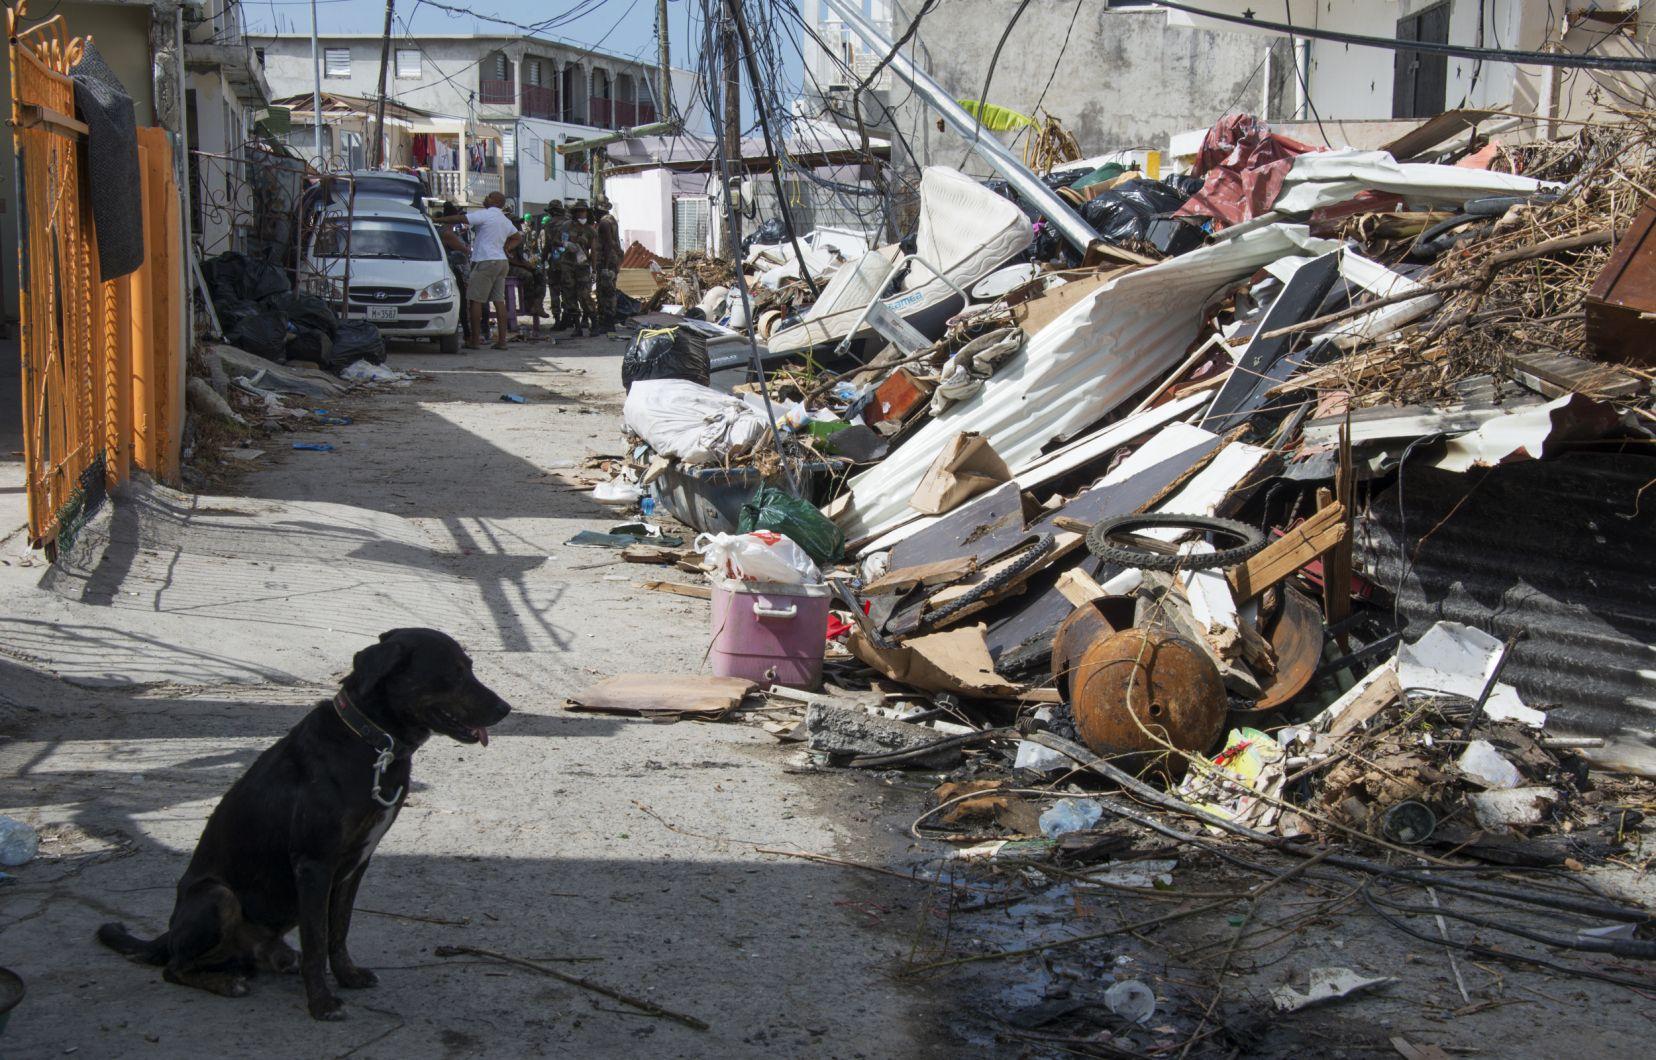 Les Pertes Causées Par Les Catastrophes Naturelles Ont concernant Jeux De Catastrophe Naturel Gratuit